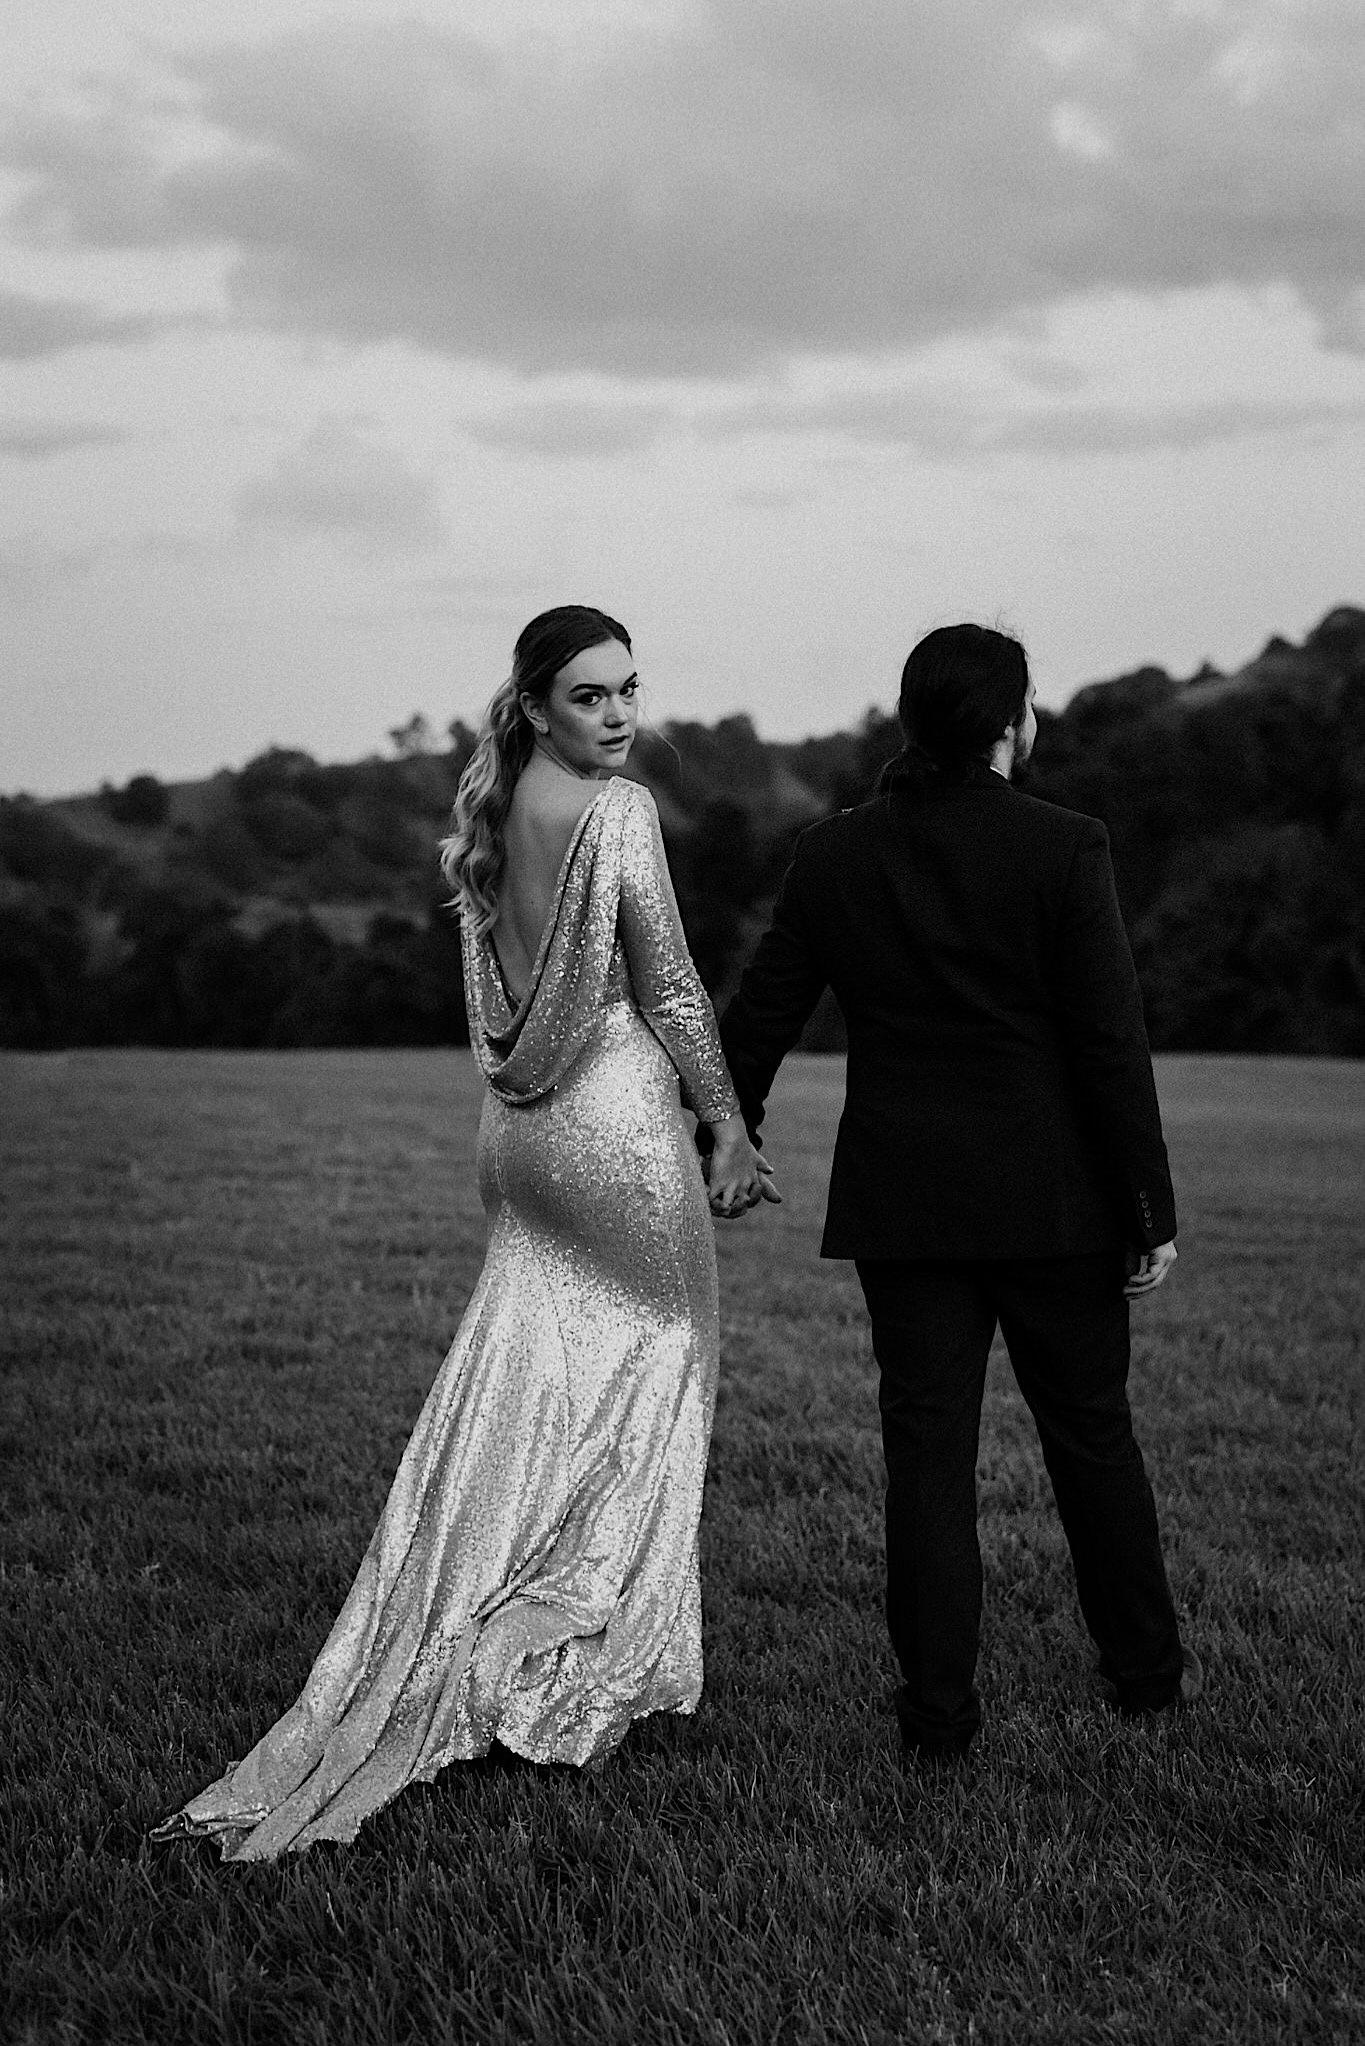 Beautiful wedding inspiration at The Old Dairy Maleny captured by Sunshine Coast Wedding Photographer Shae Estella Photo